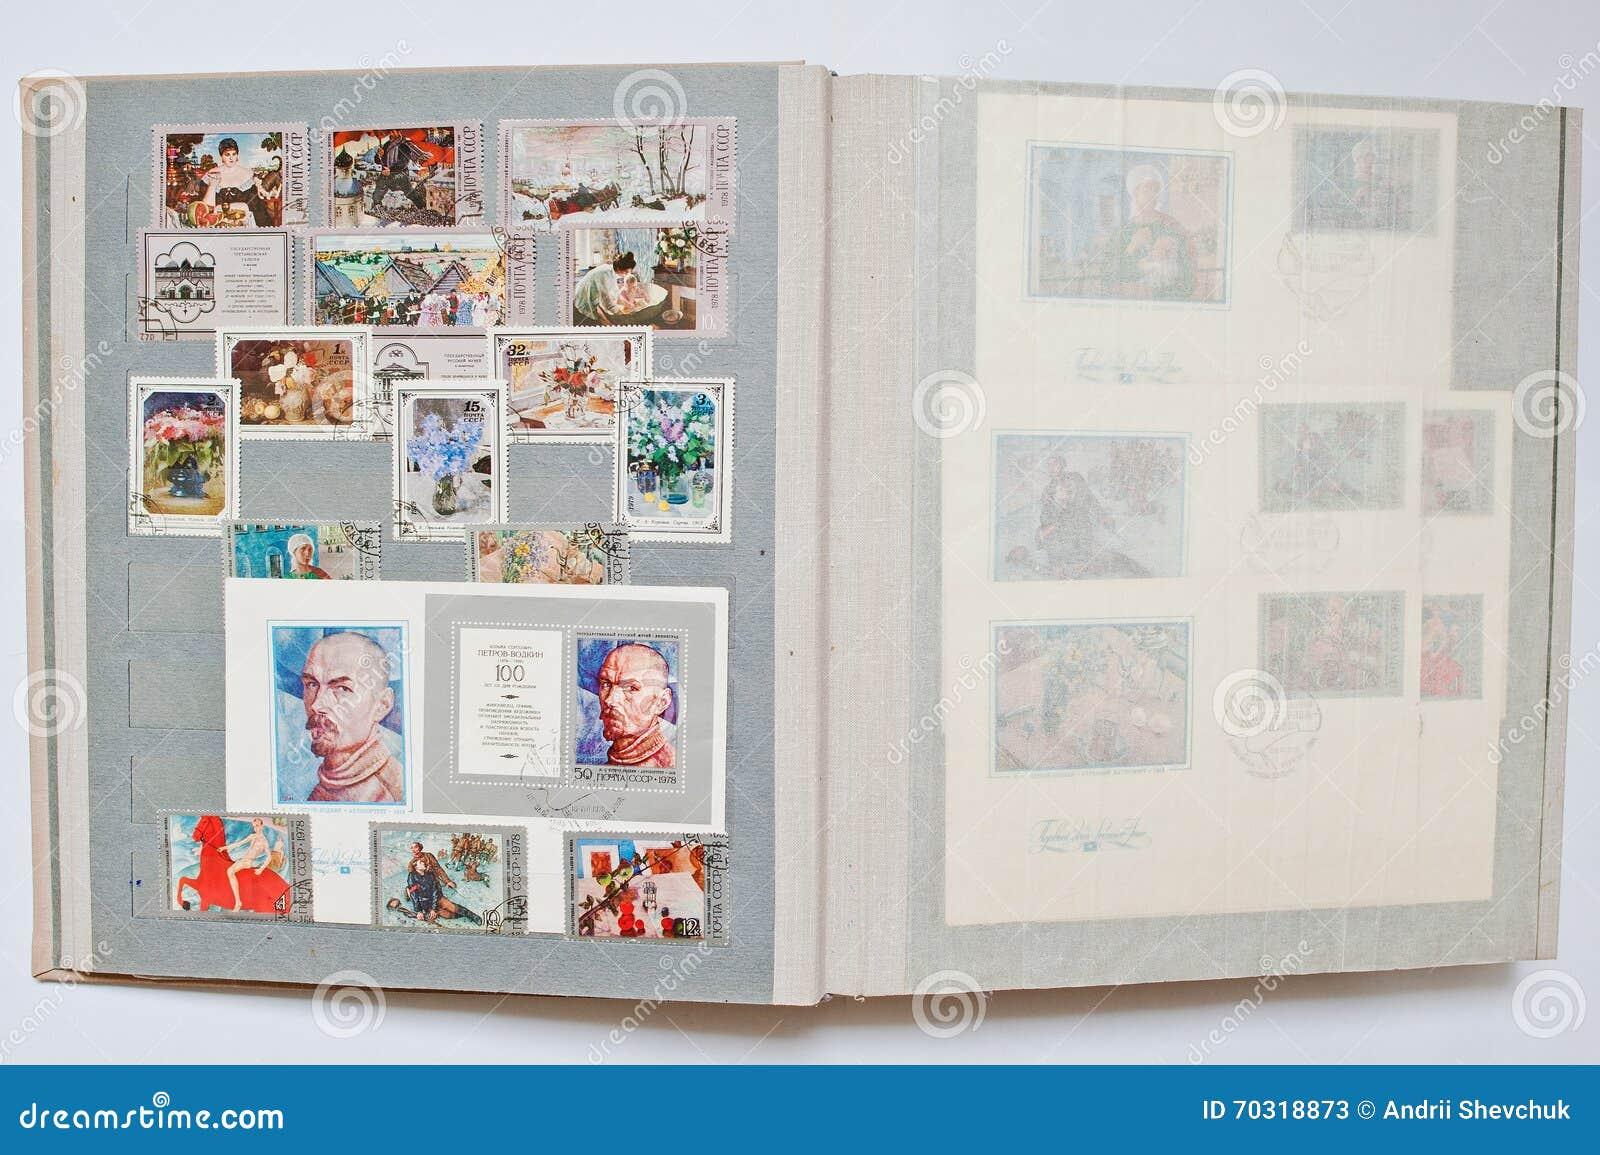 Inzameling van postzegels in album van de USSR wordt gedrukt die